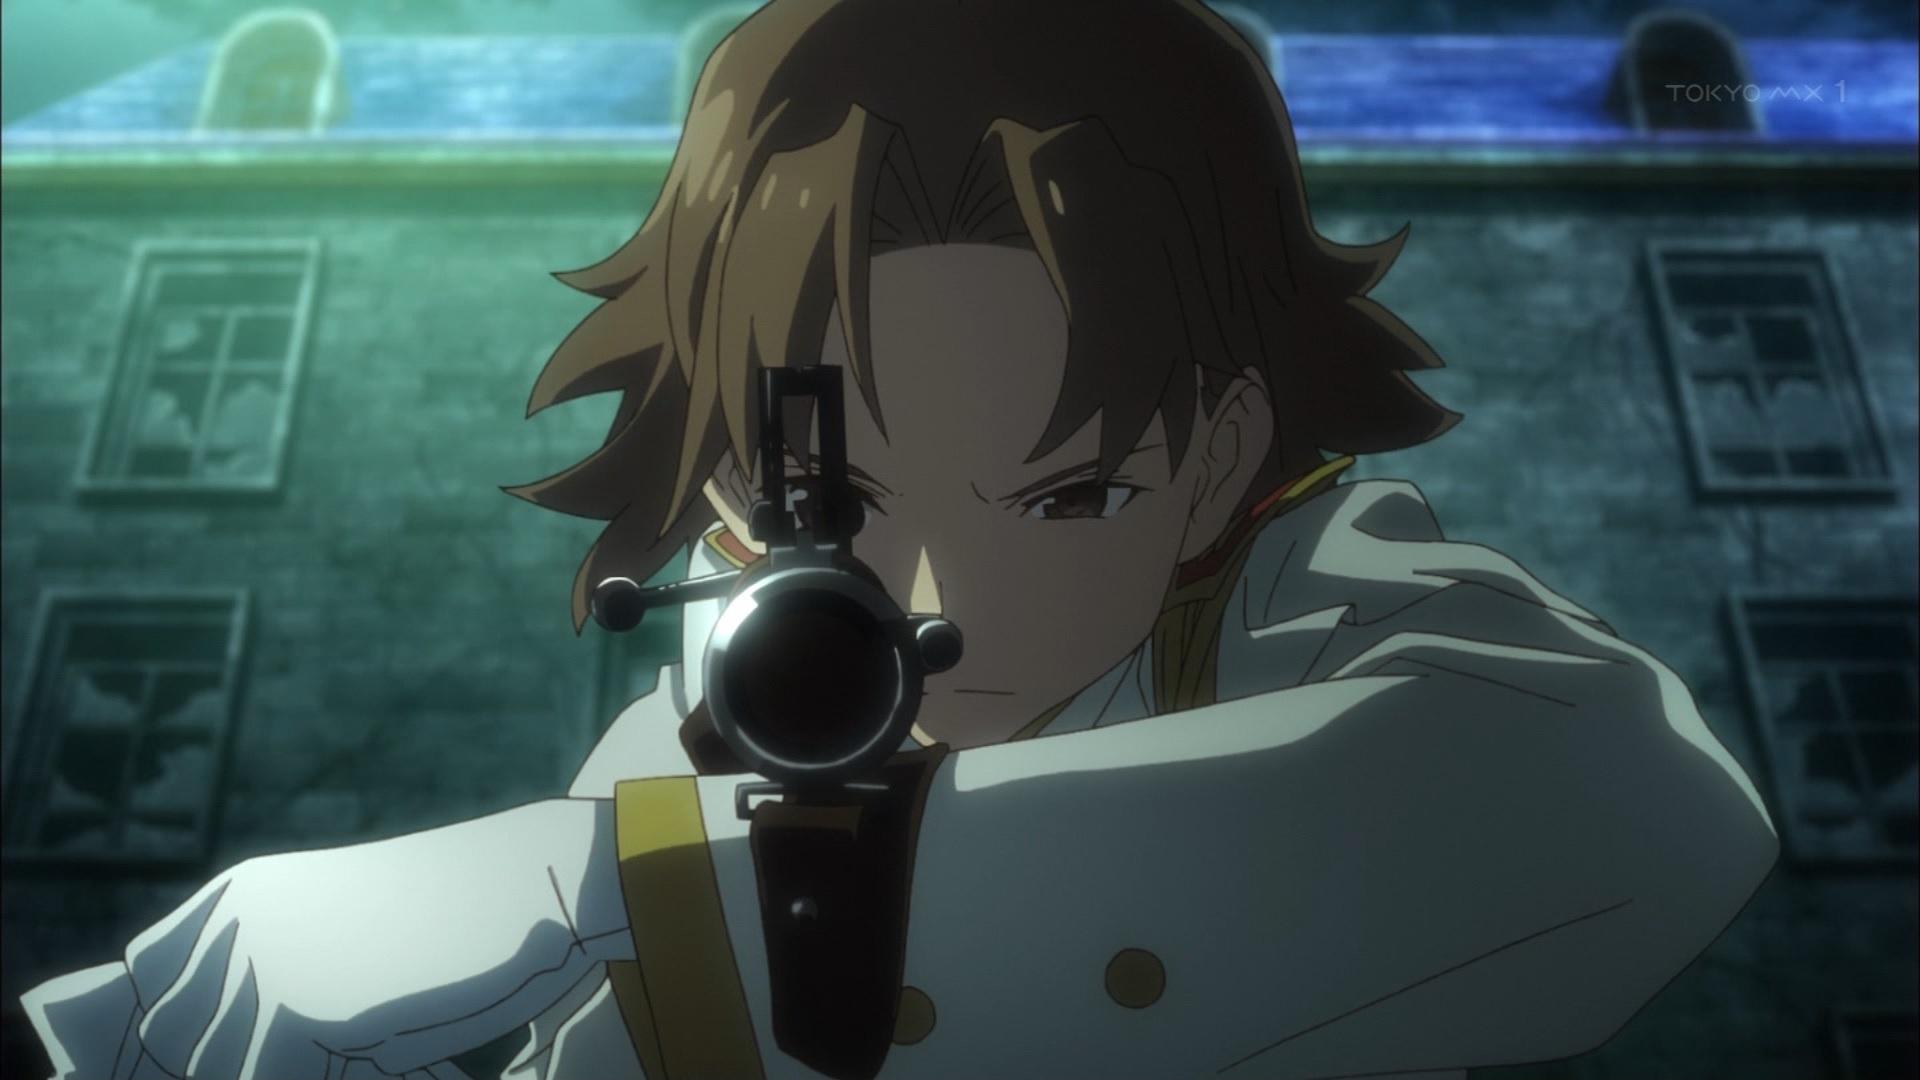 女スナイパー(第8話画像)